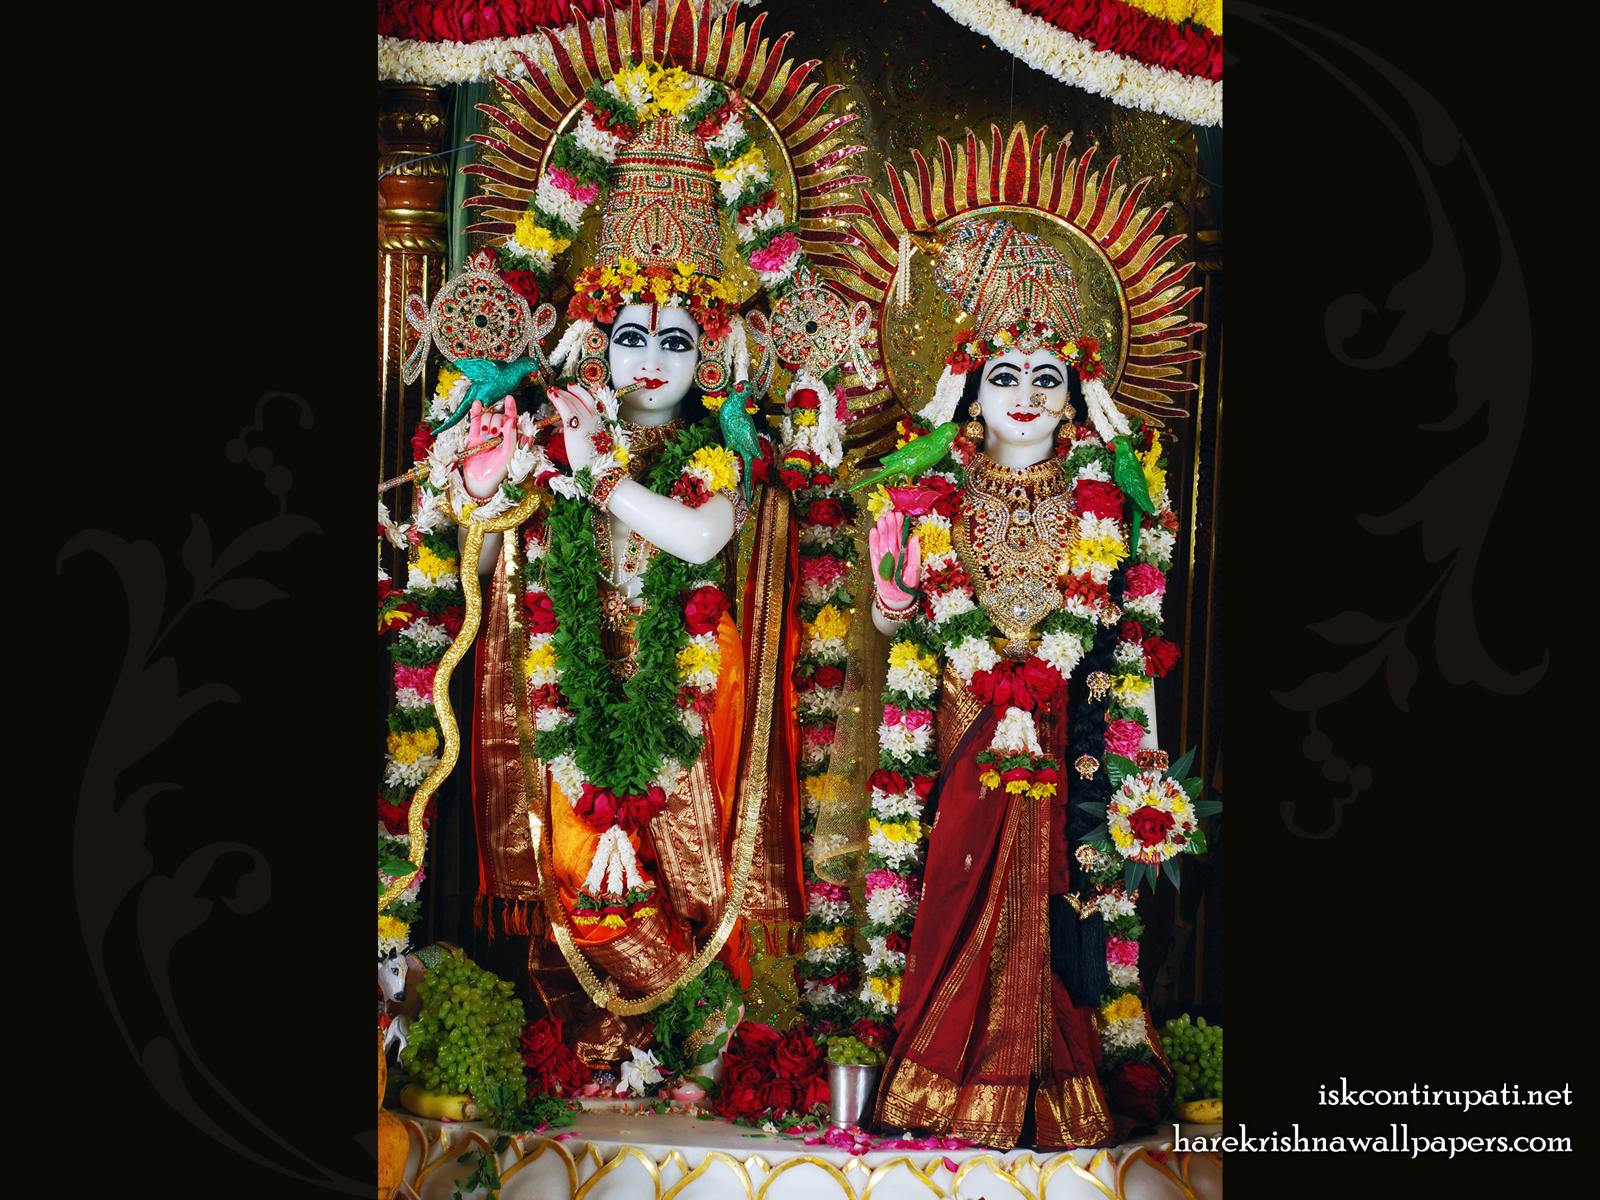 Sri Sri Radha Govinda Wallpaper (002) Size1600x1200 Download